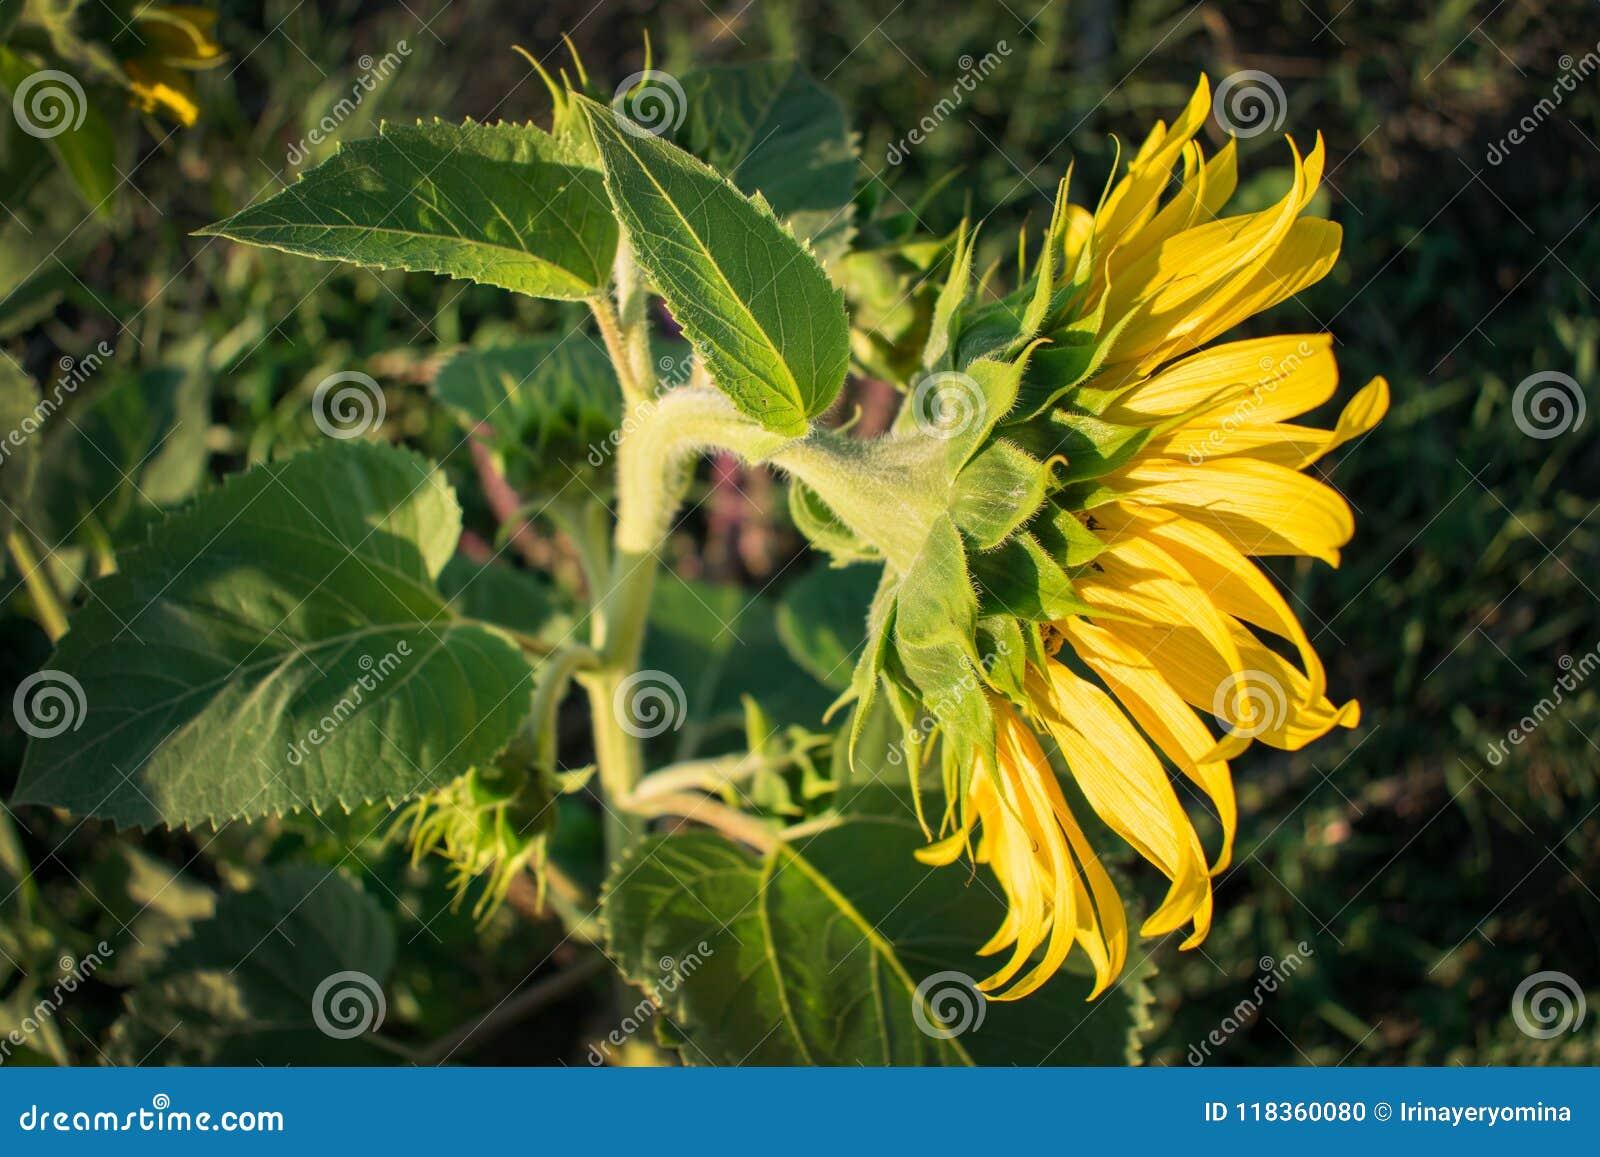 Flor amarilla brillante del girasol en un fondo de hojas verdes